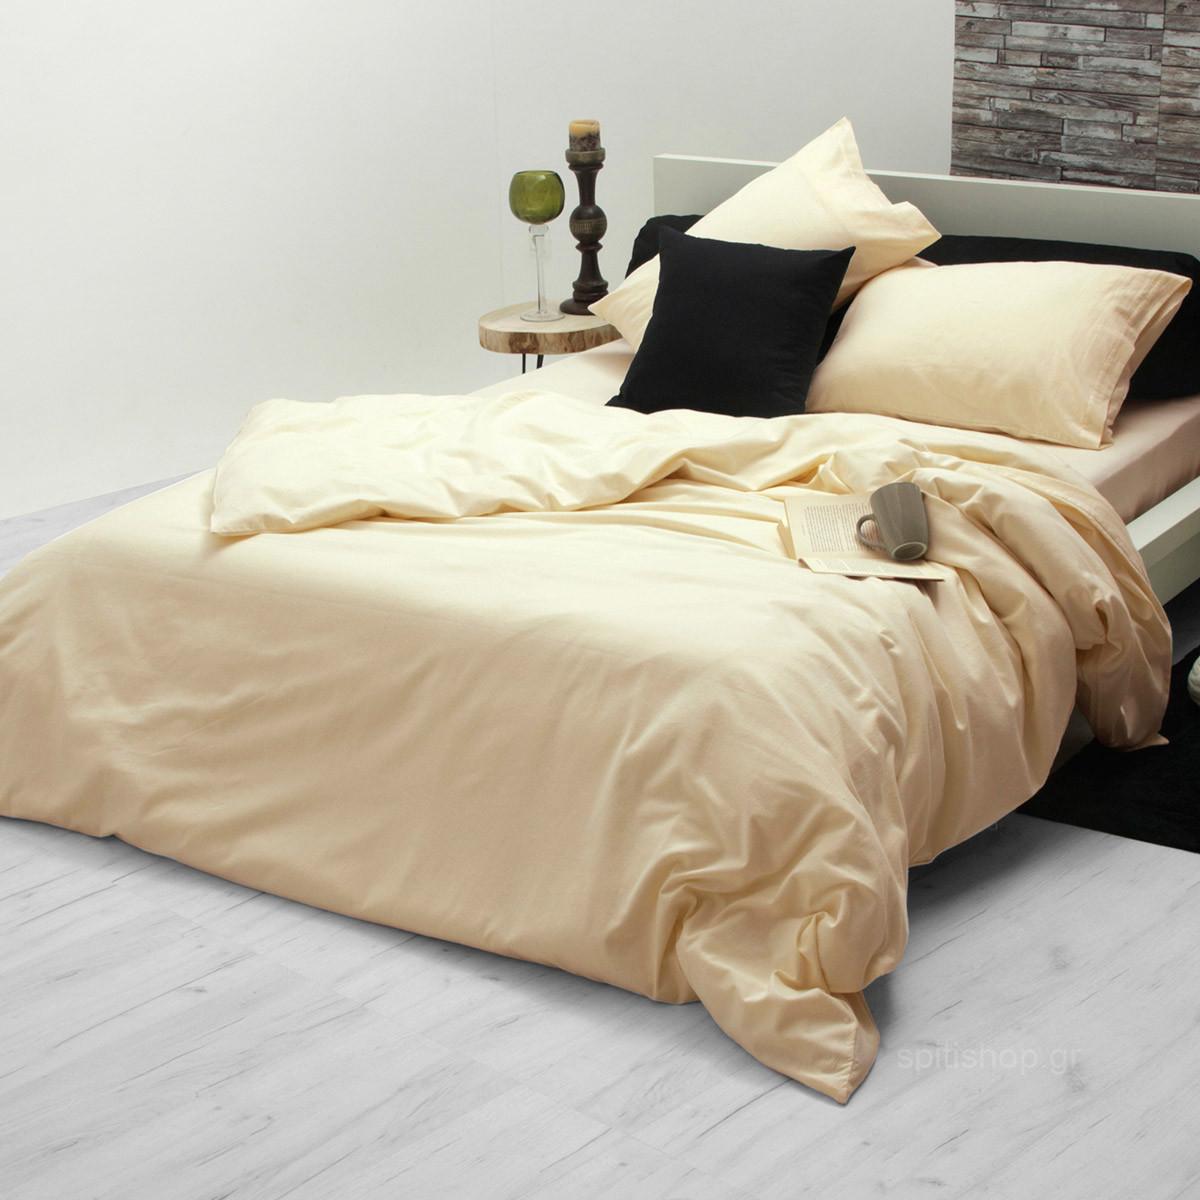 Φανελένιο Σεντόνι Υπέρδιπλο Sb Home Flannel Cream